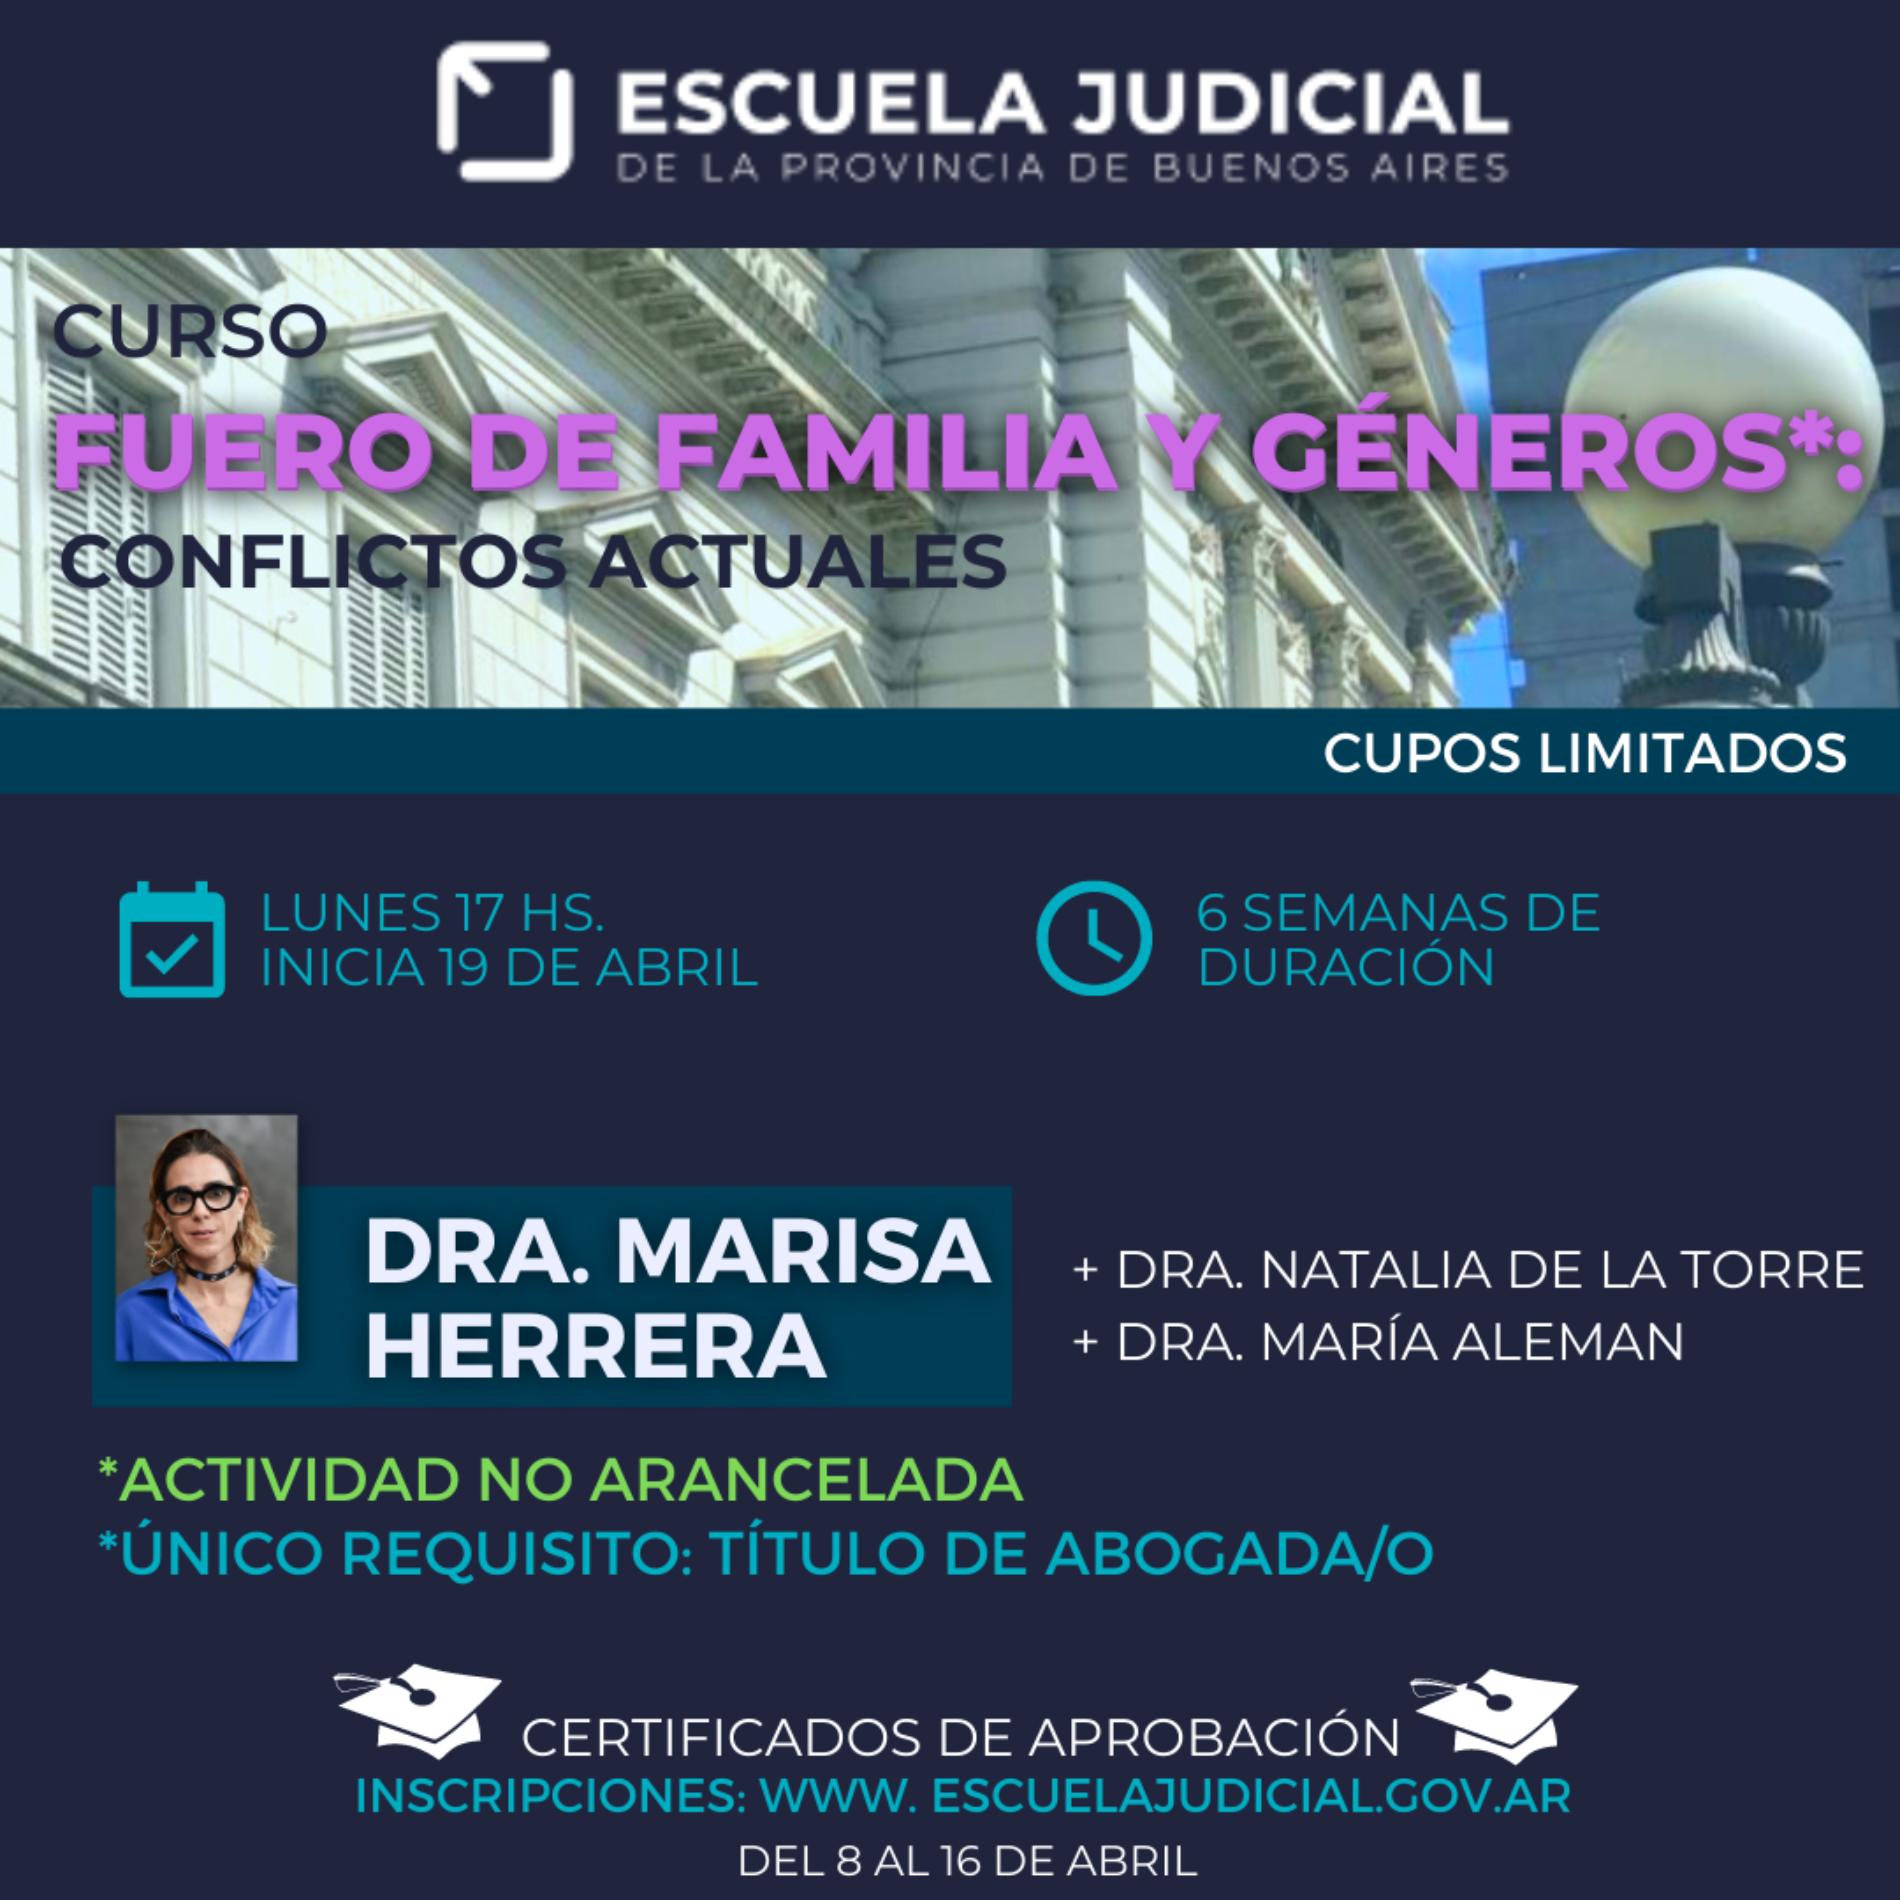 CURSO EXTRACURRICULAR: FUERO DE FAMILIA Y GÉNEROS: CONFLICTOS ACTUALES.